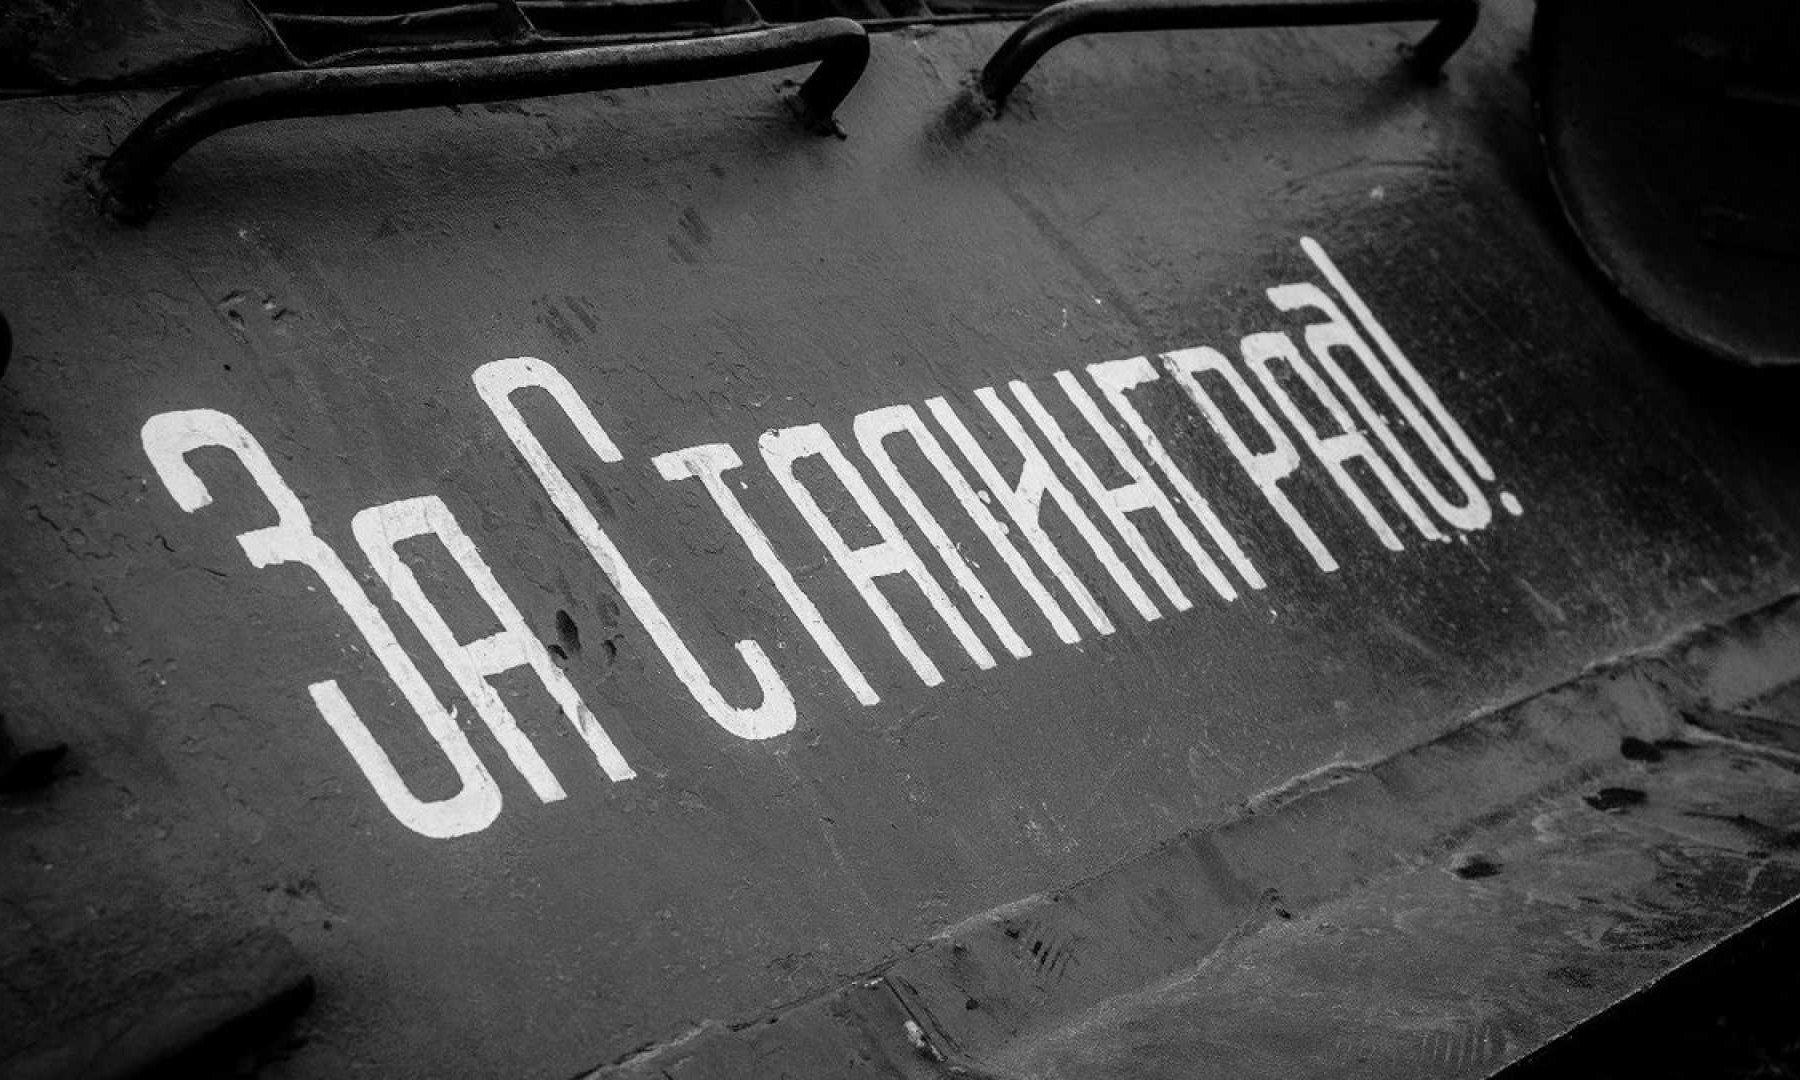 ВМурманске стартует Всероссийский исторический квест «Сталинградская битва»